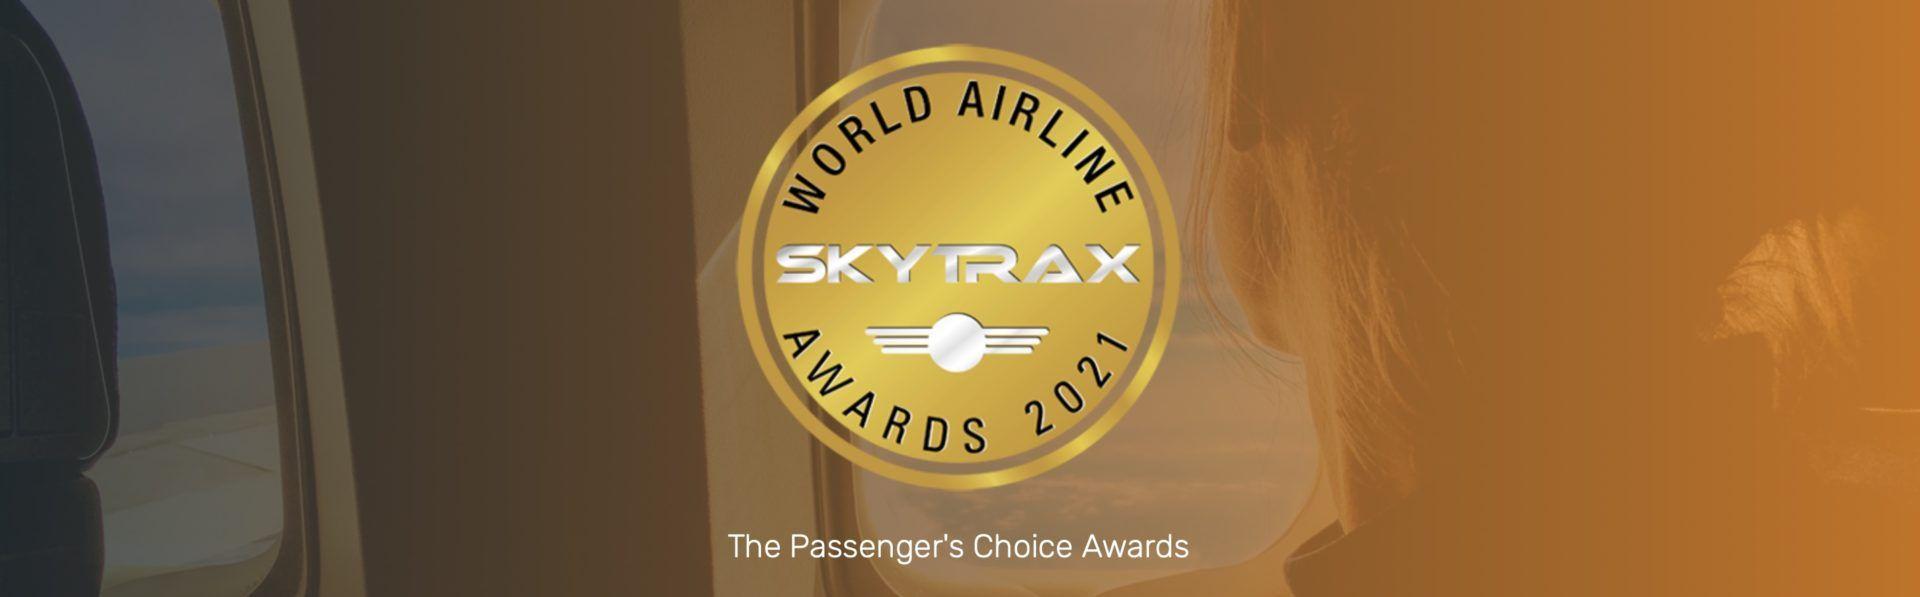 melhores companhias aéreas 2021